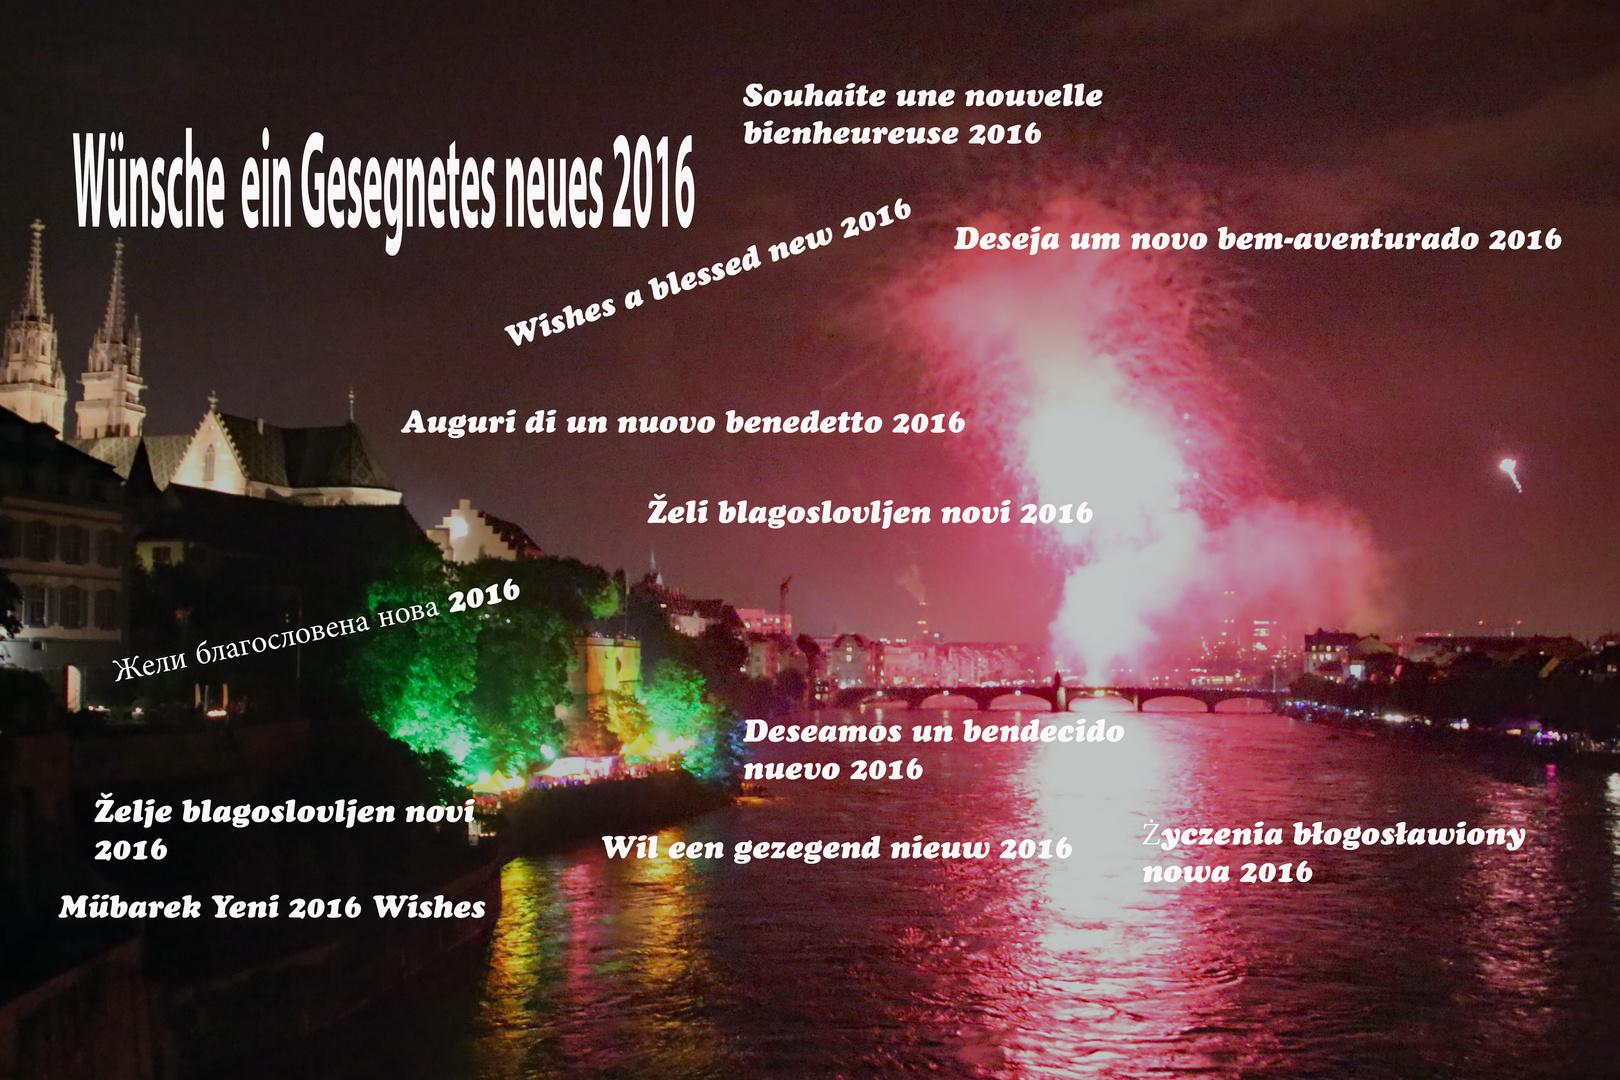 Ein Gesegnetes Neue Jahr 2016 Foto & Bild   gratulation und ...